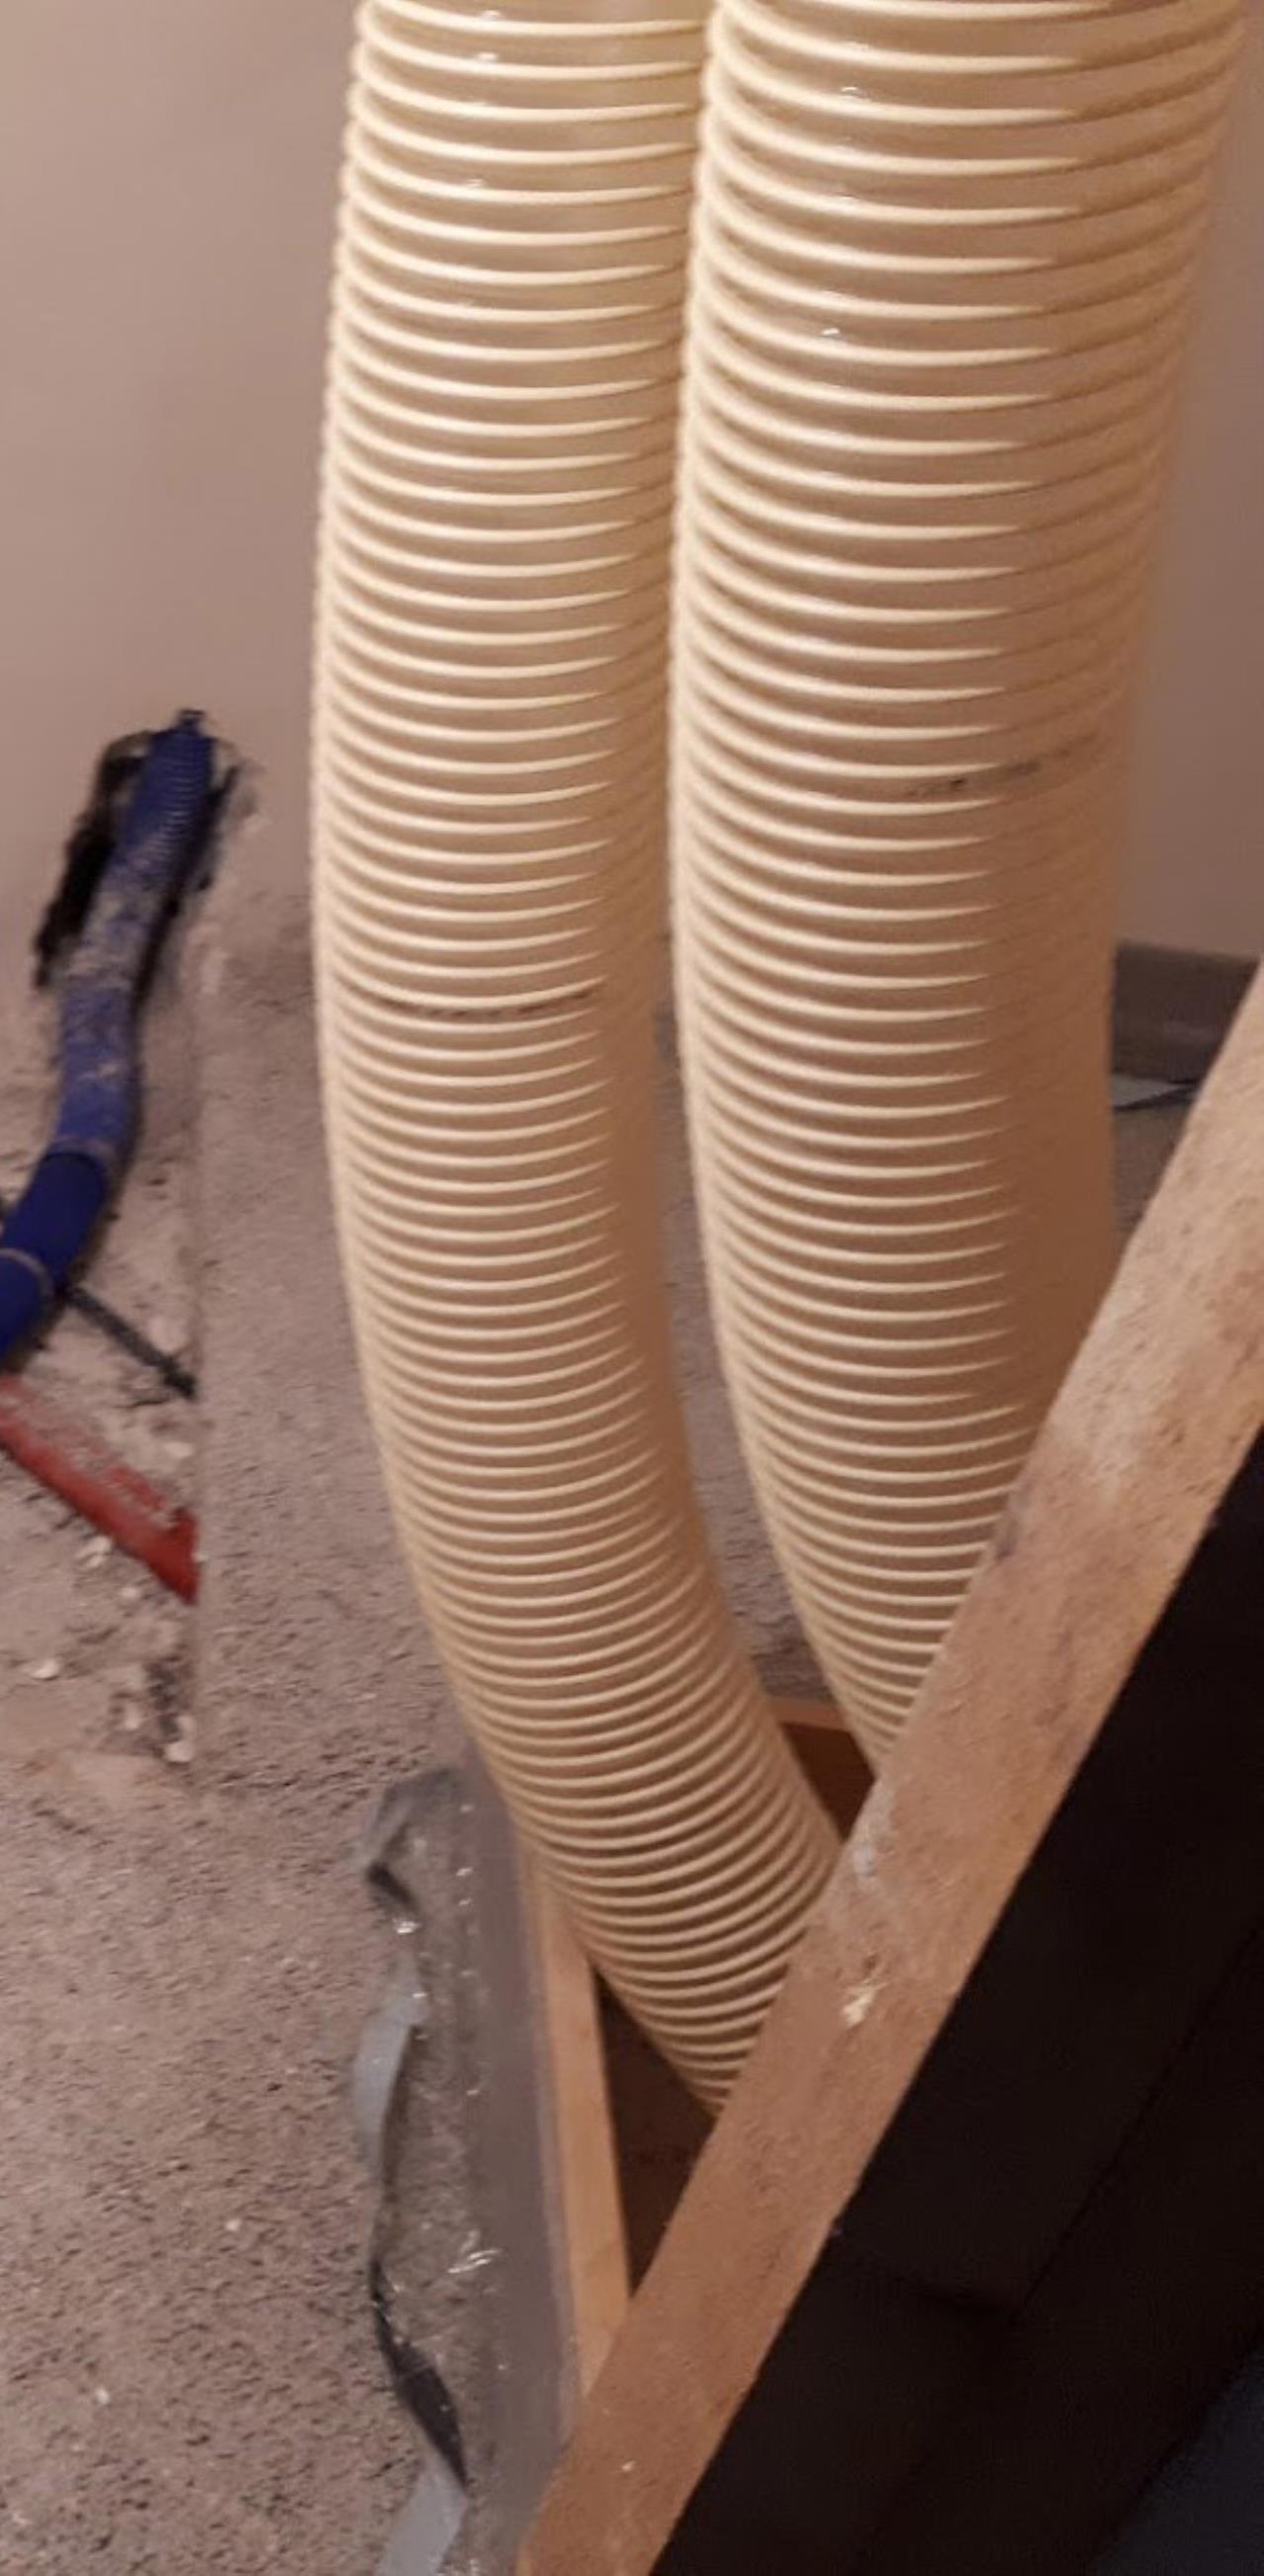 Dunstabzugshaube Rohr Nach Draußen 2021